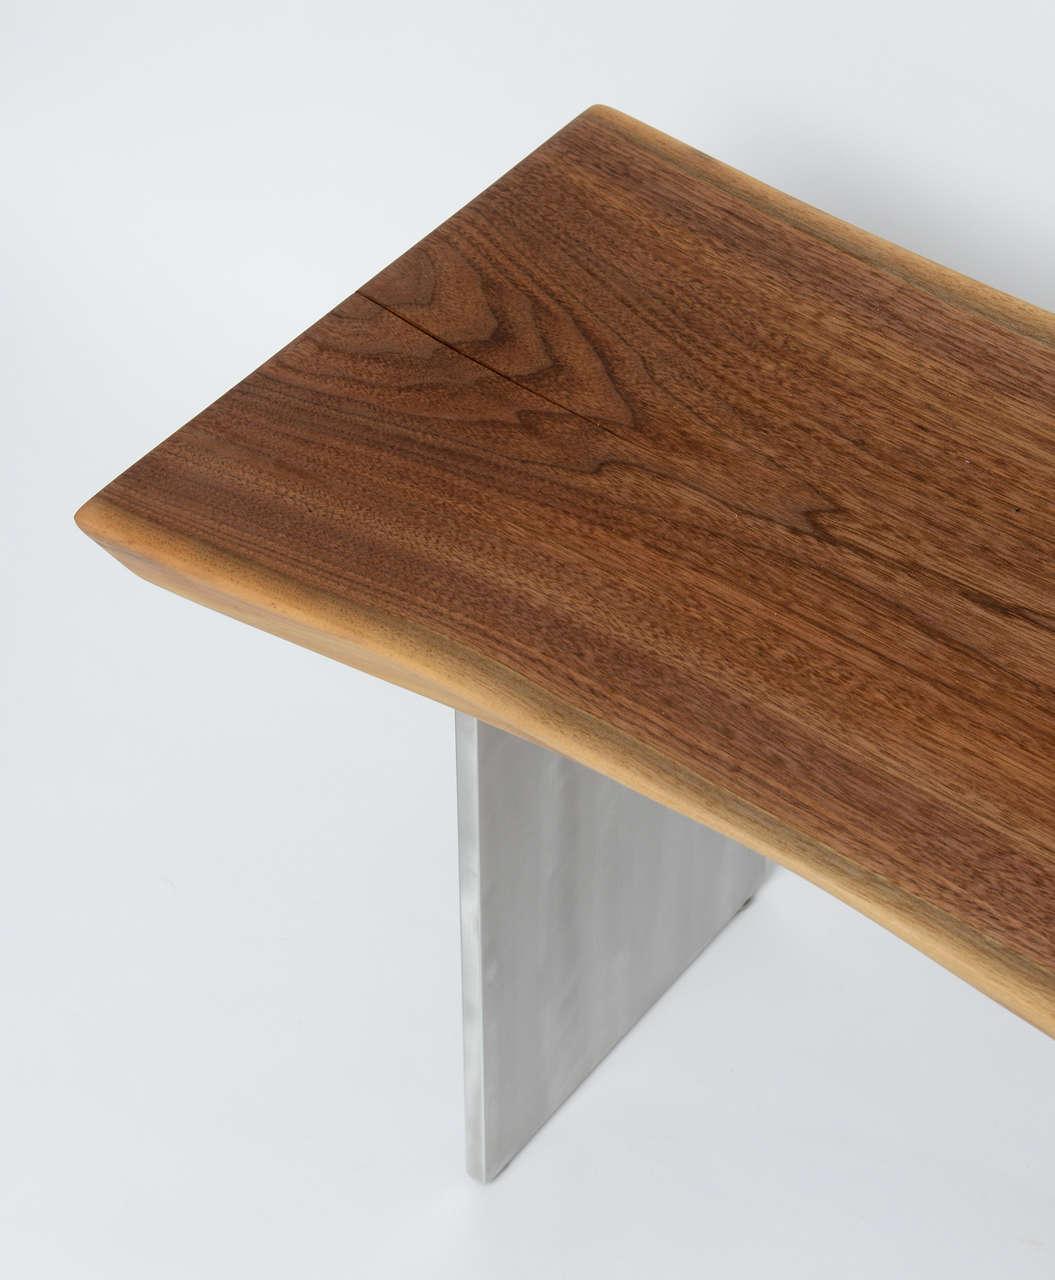 Minimalist Wood Bench, Black Walnut, Aluminum 8